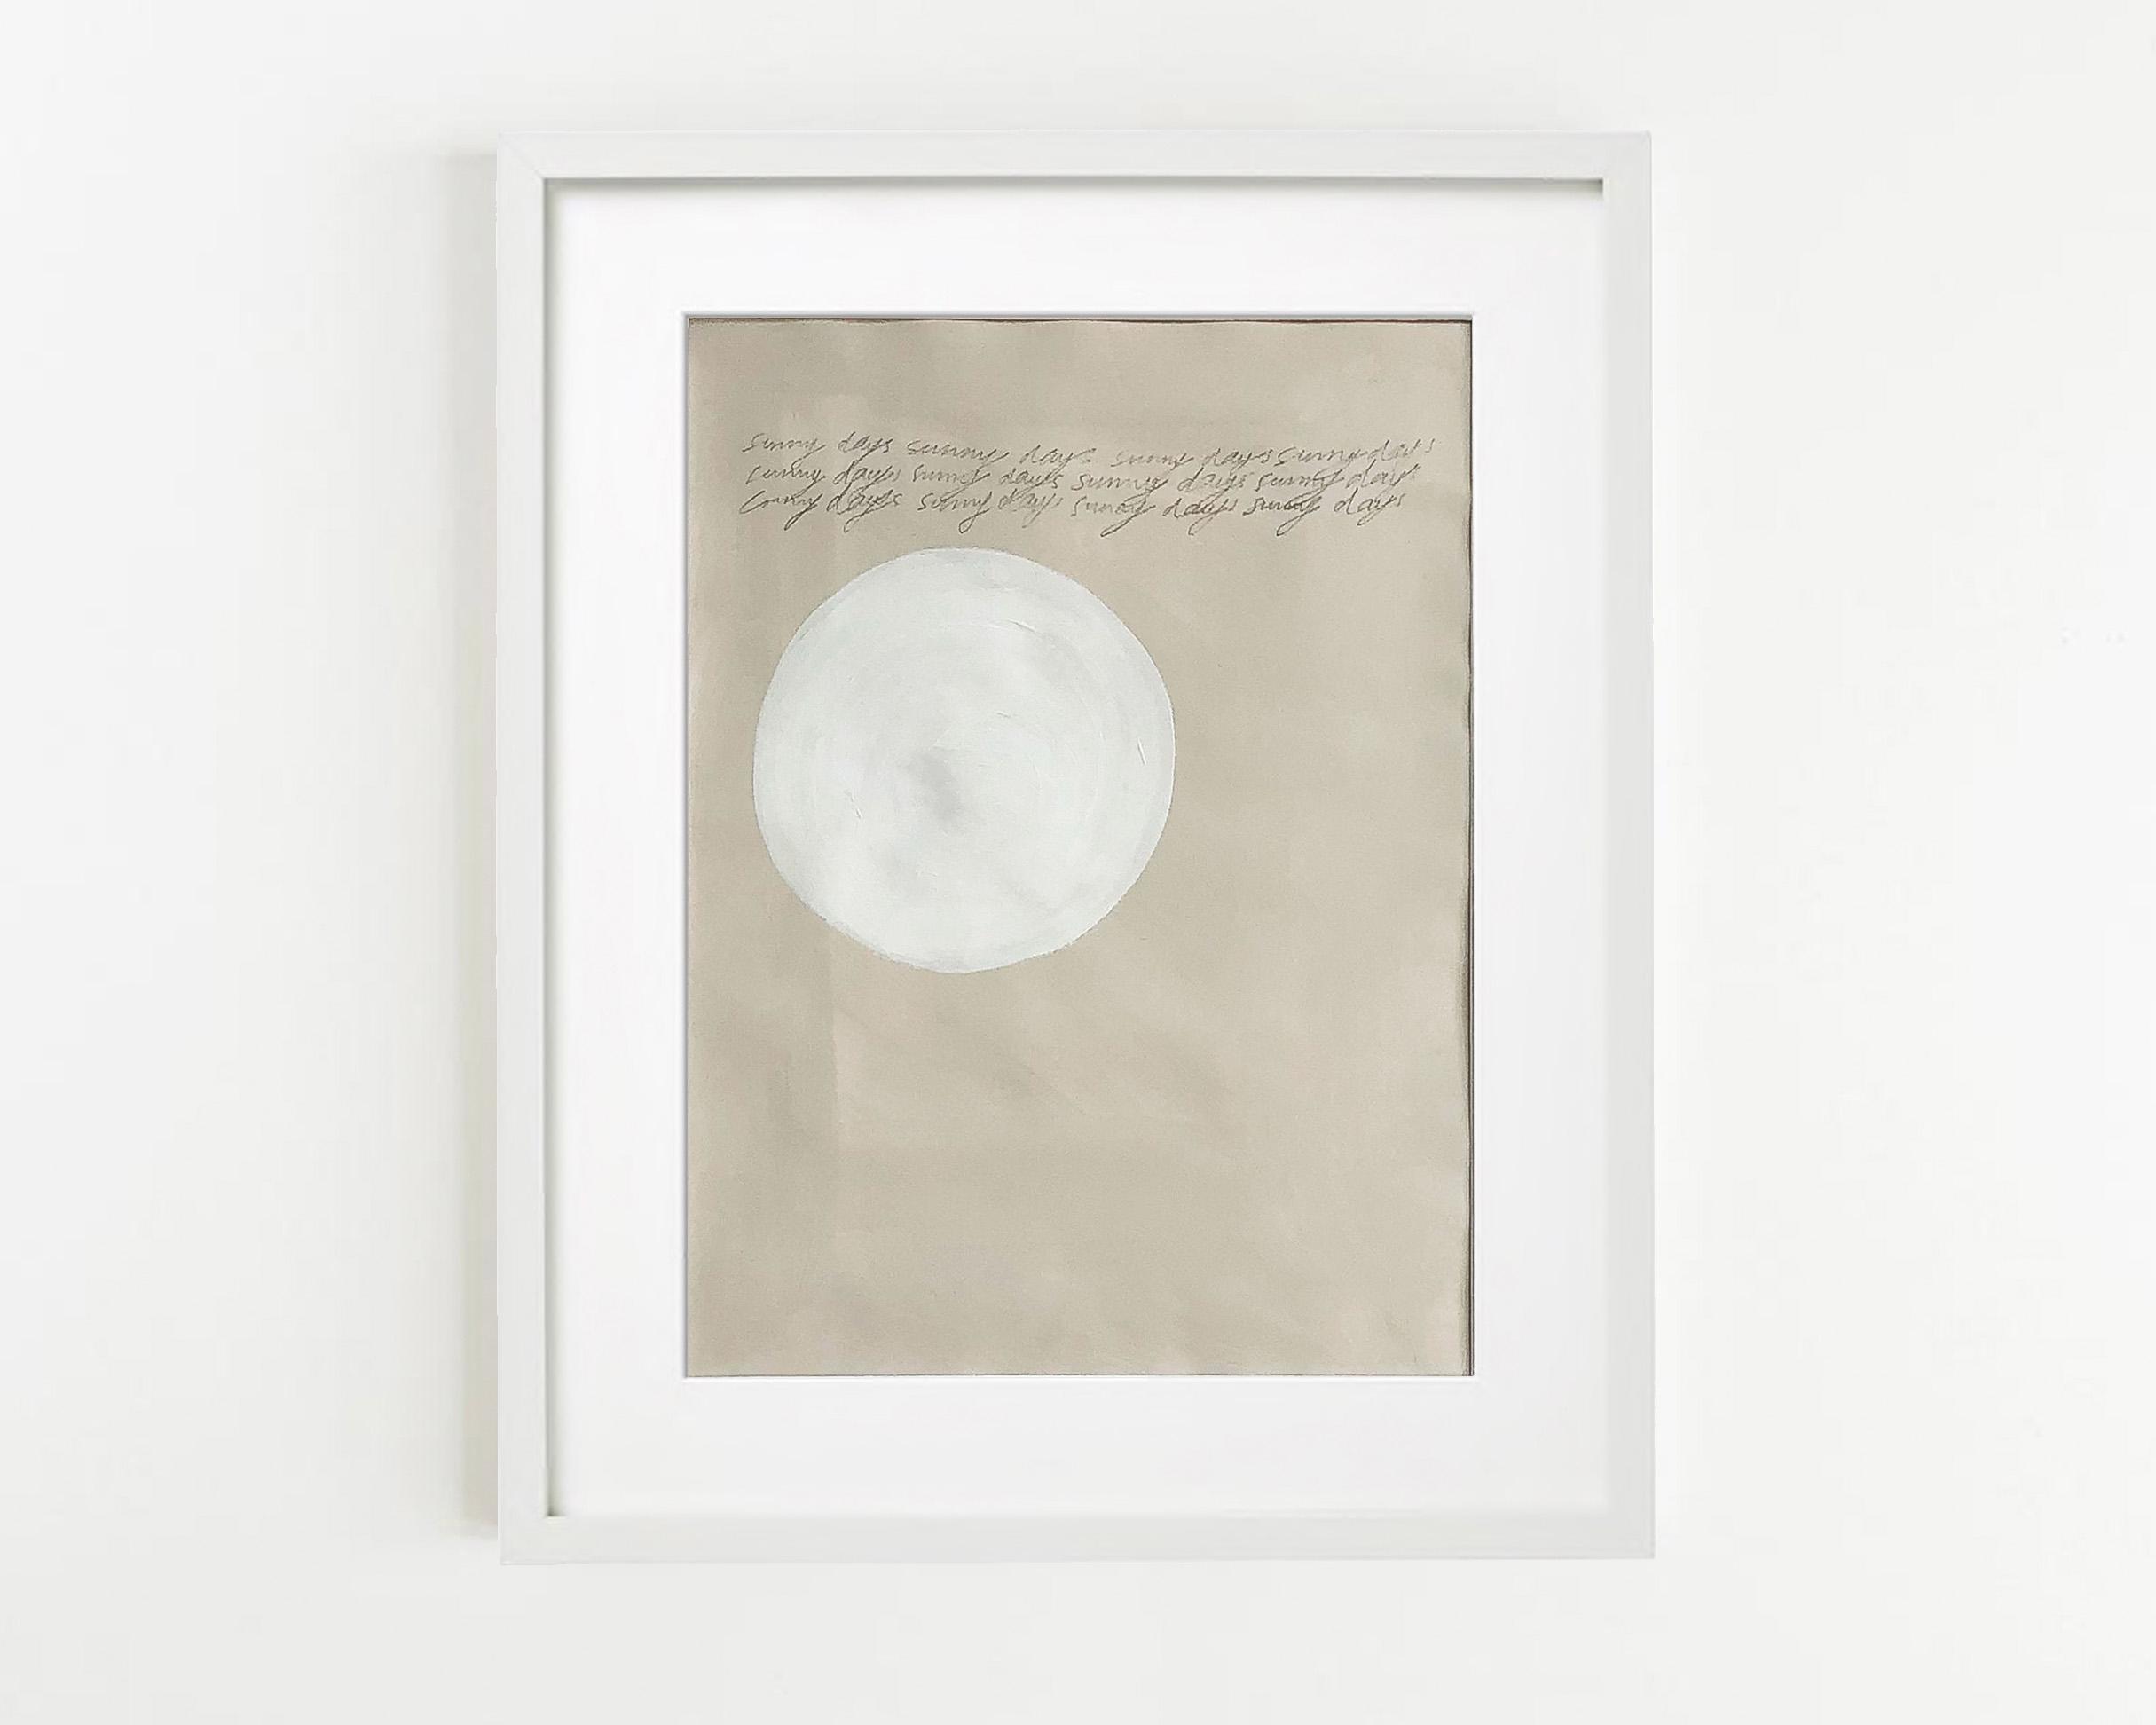 Abstract Circle Artwork